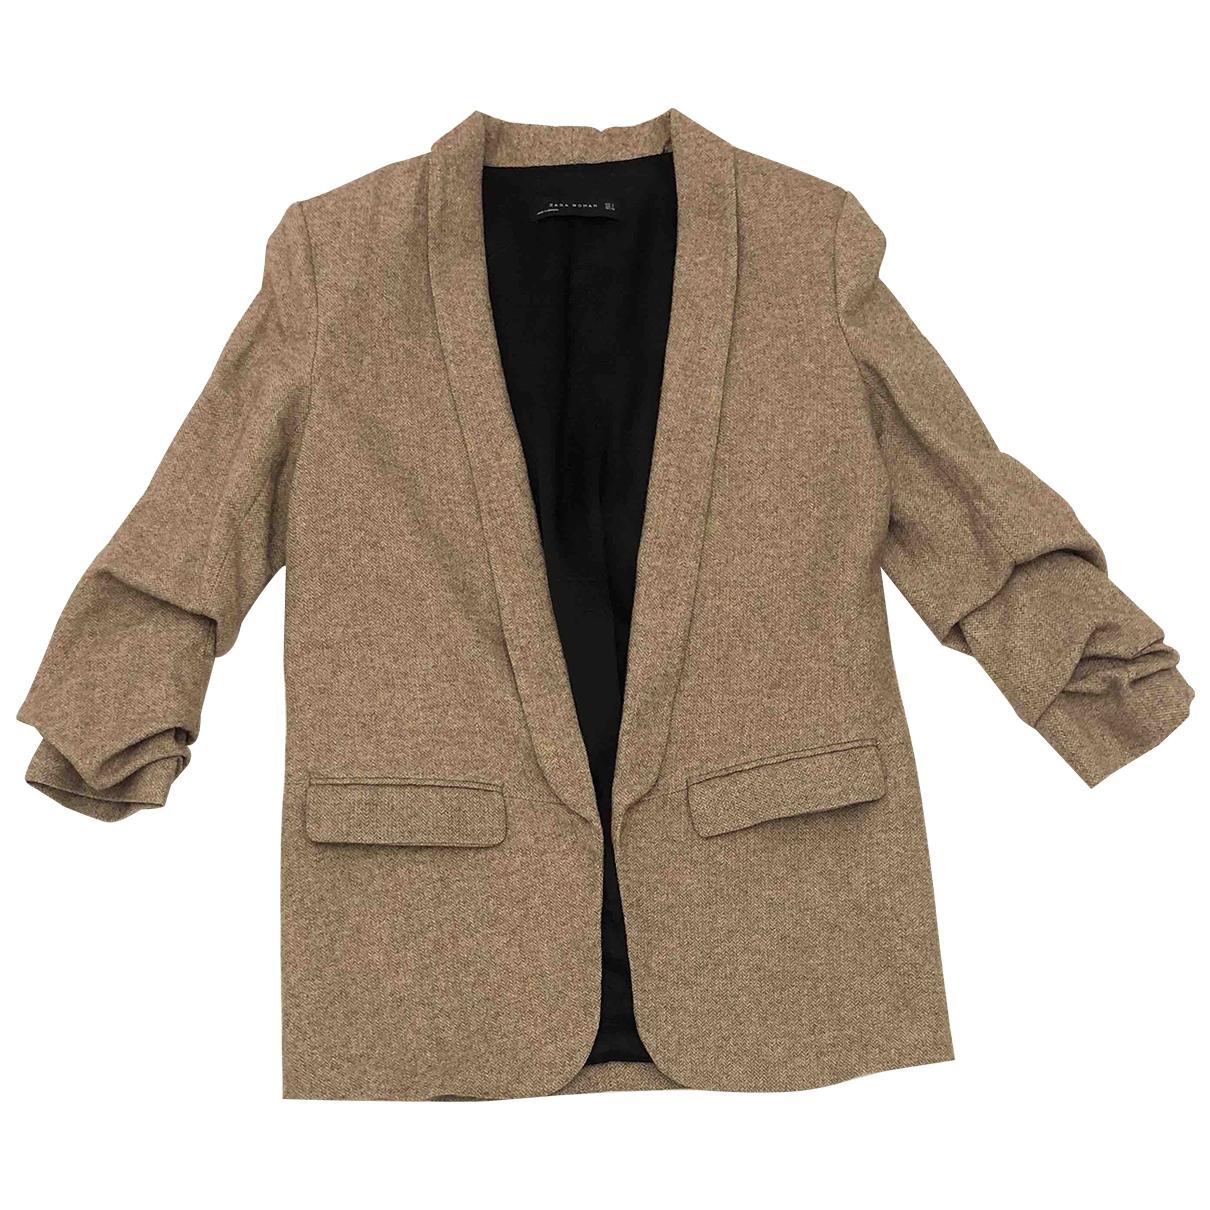 Zara \N Jacke in  Beige Wolle